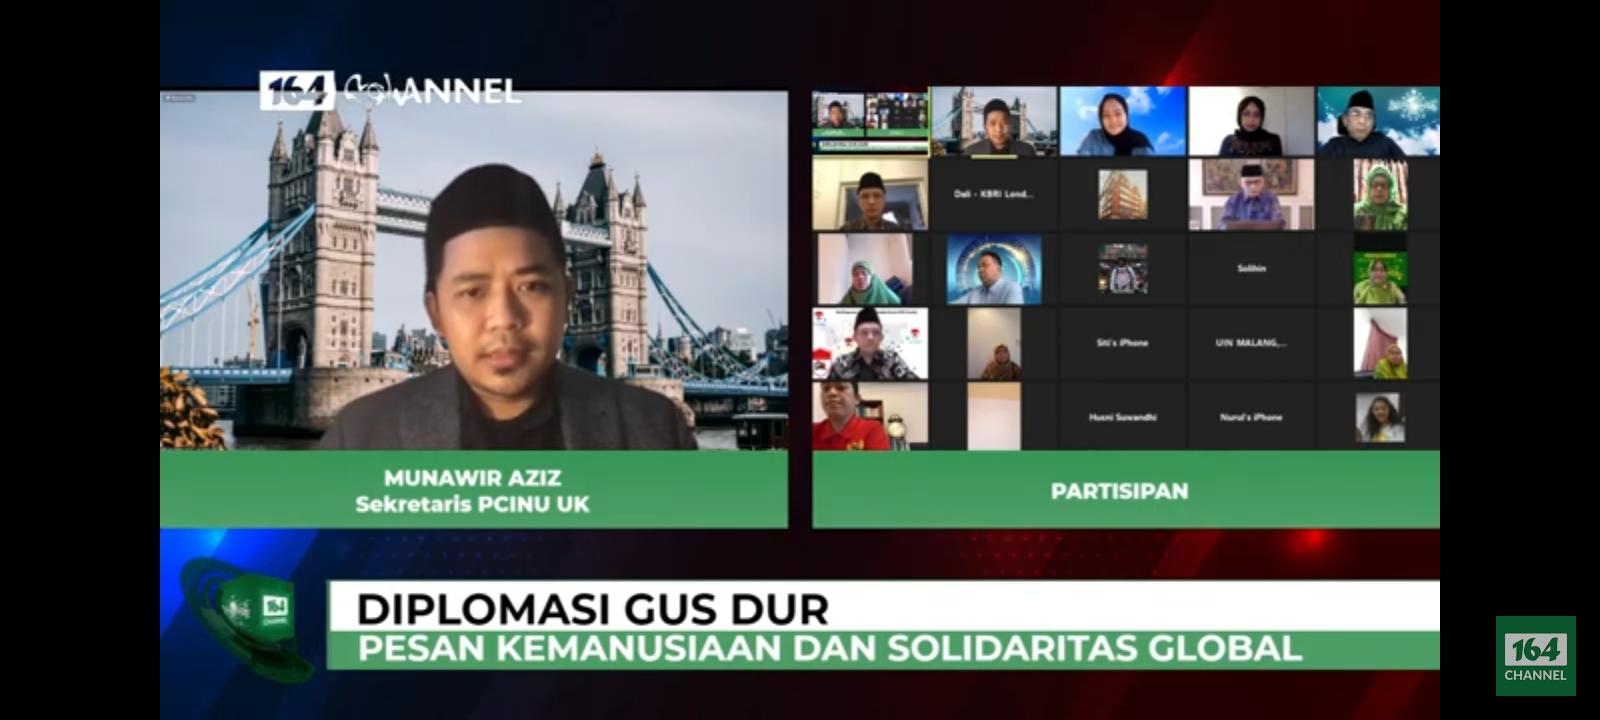 Diplomasi Kemanusiaan dan Solidaritas Global, Warisan Gus Dur yang Nyata